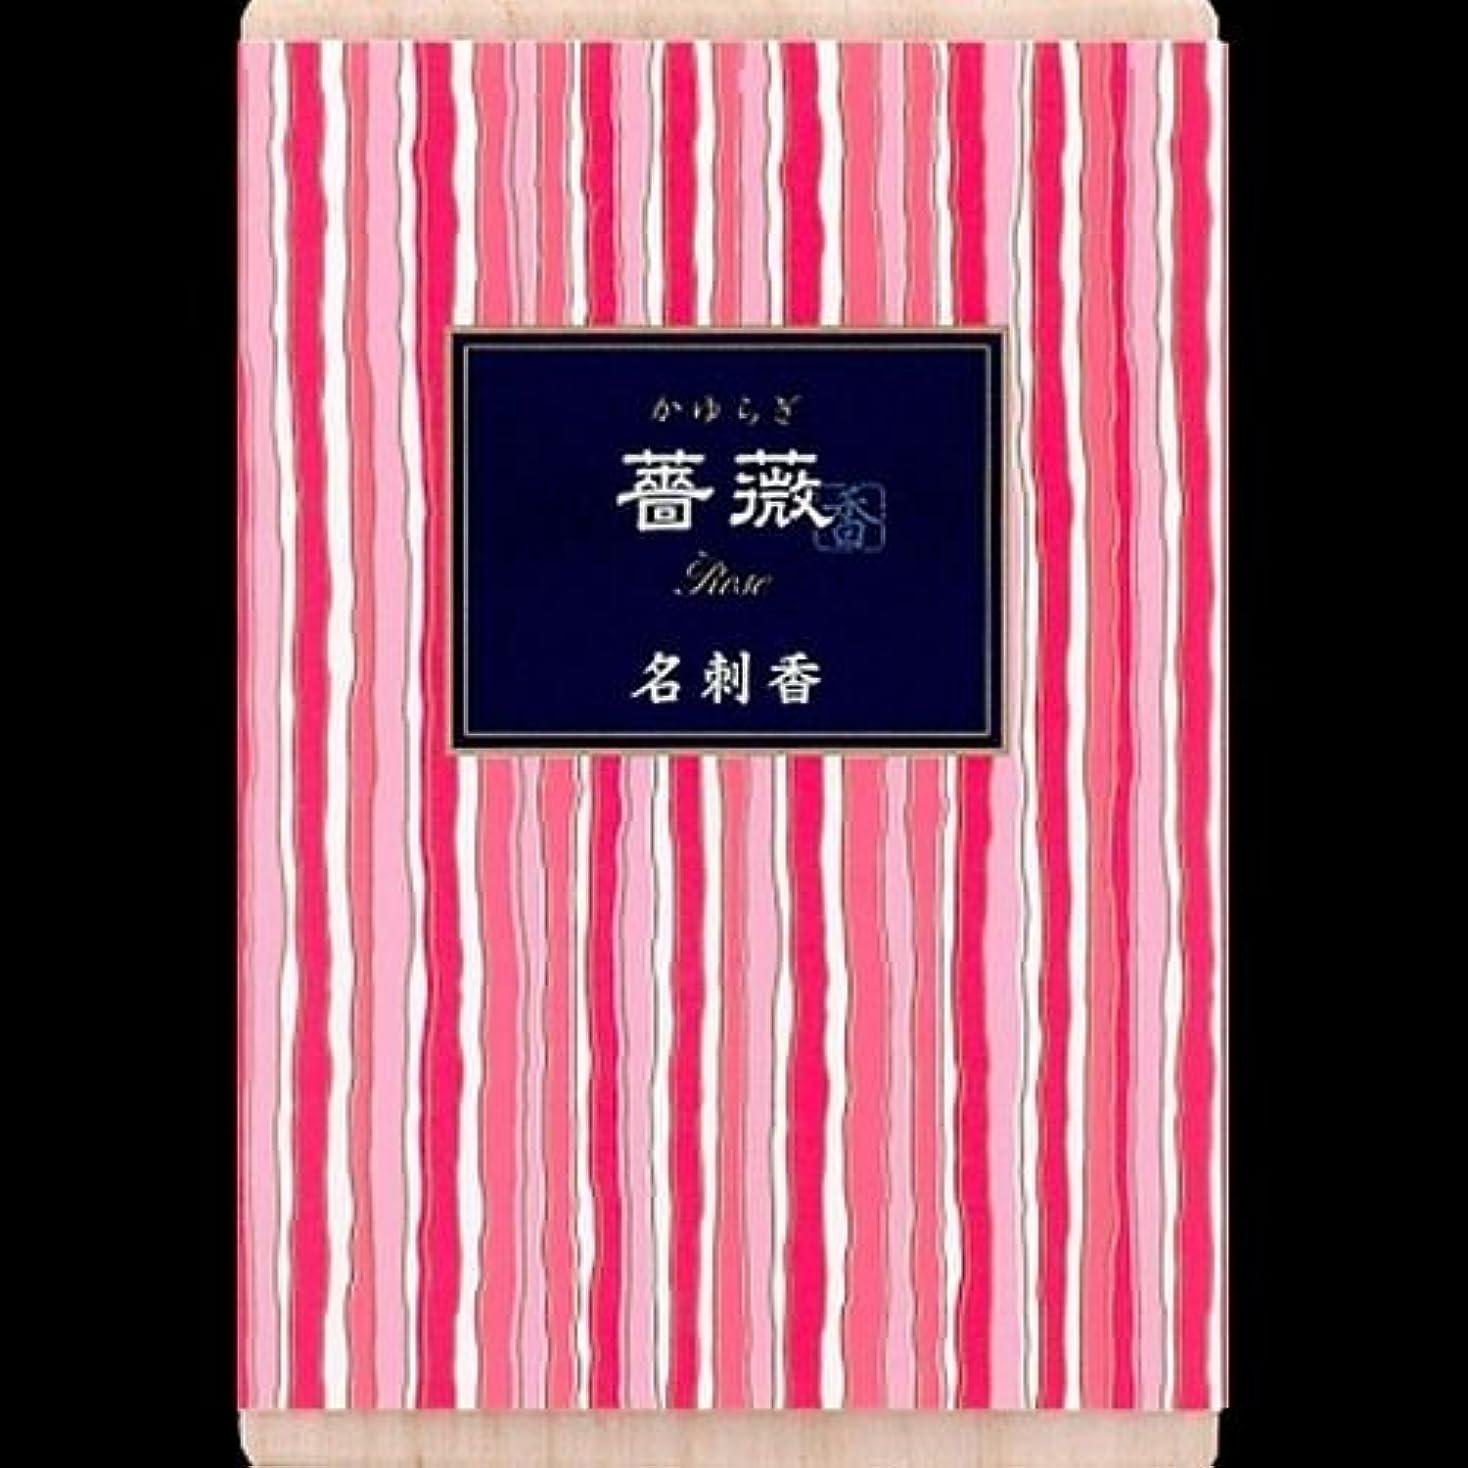 人工的なしたい理想的【まとめ買い】かゆらぎ 薔薇 名刺香 桐箱 6入 ×2セット